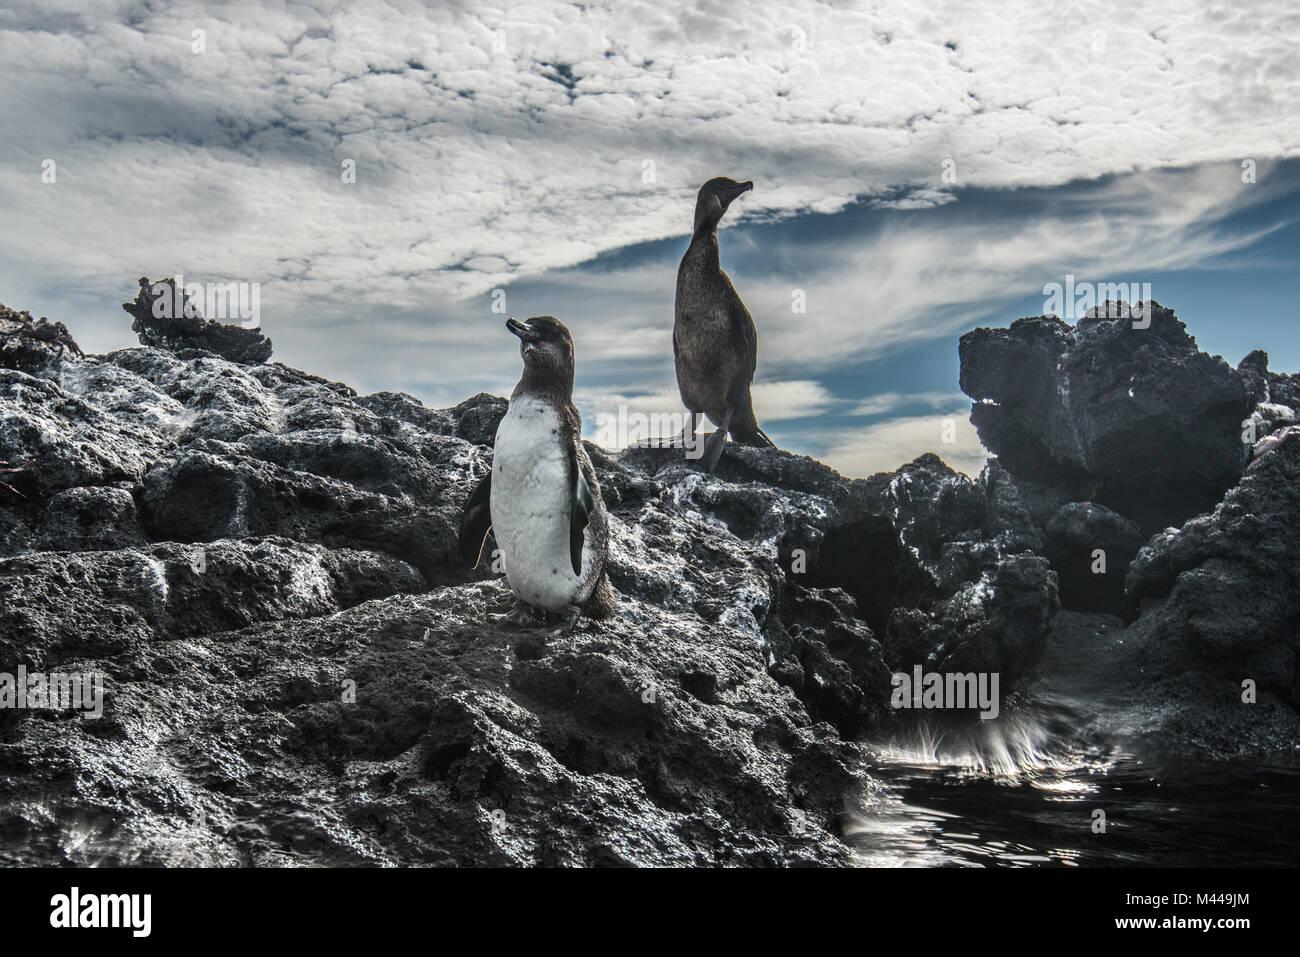 Pingüino de galápagos y cormoranes no voladores descansando en las rocas, Seymour, Galápagos, Ecuador Imagen De Stock